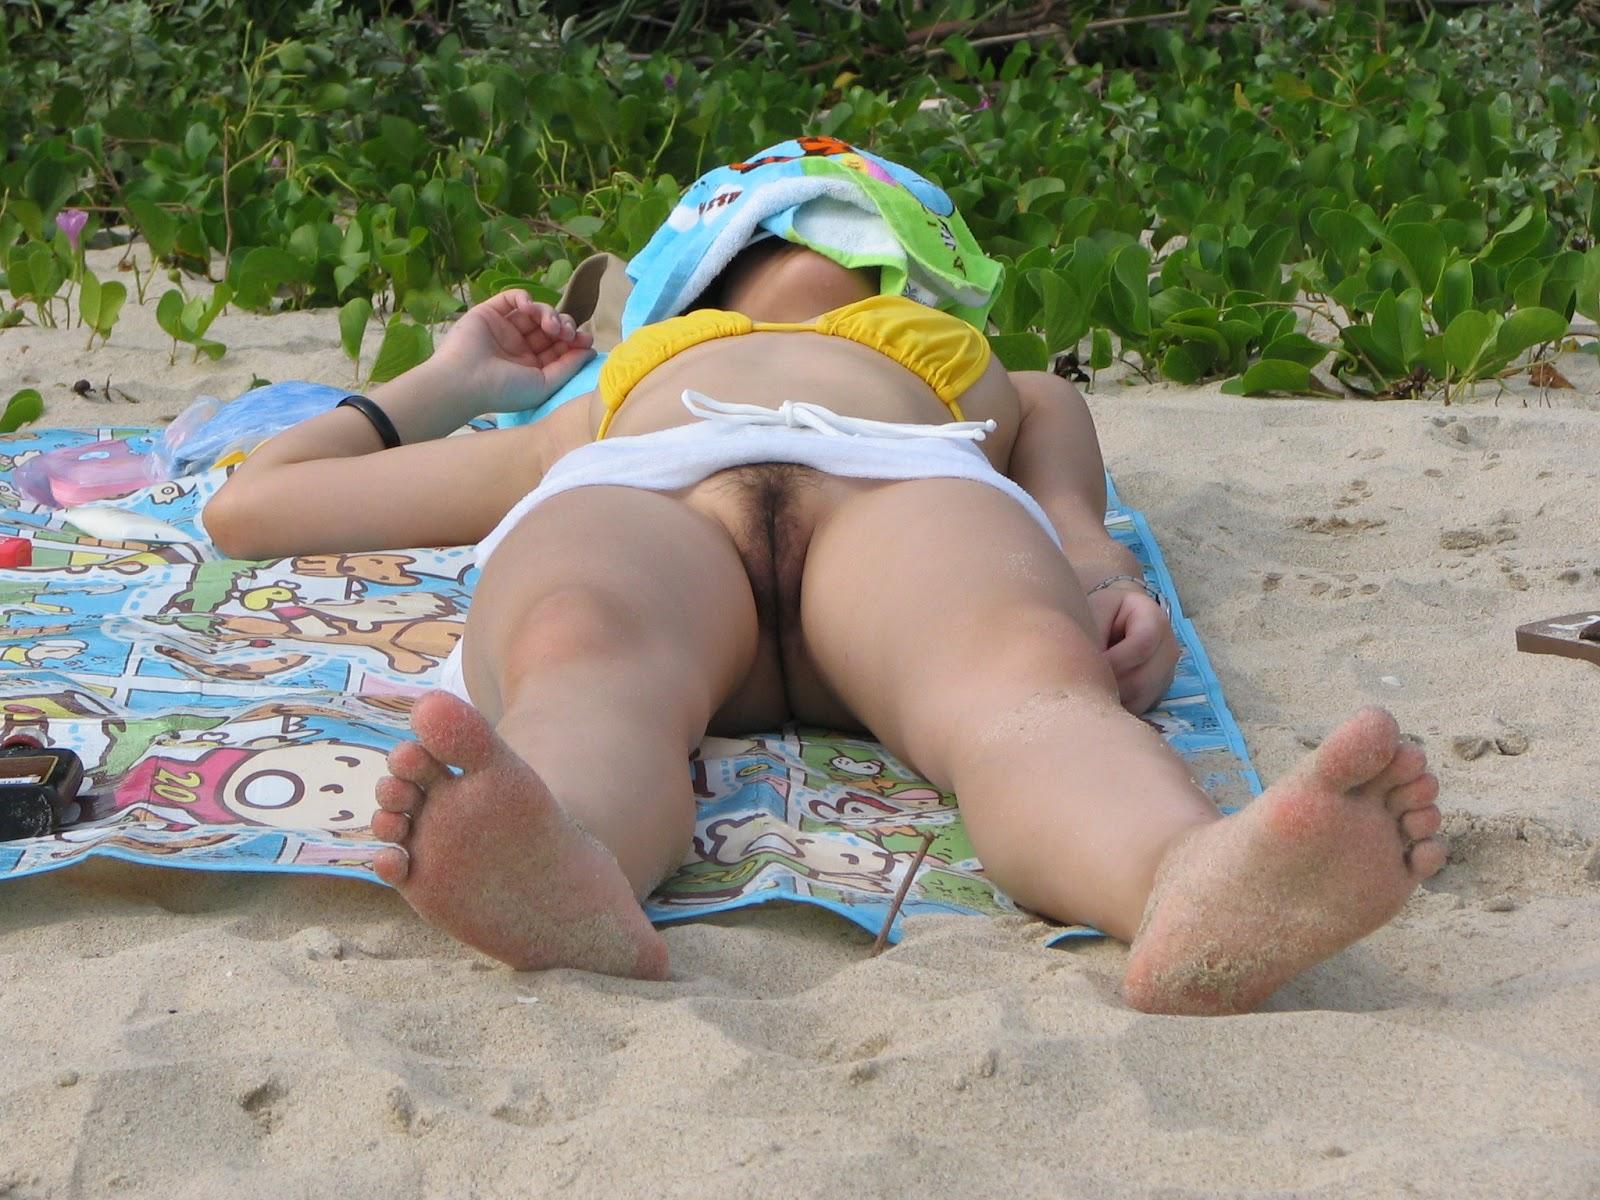 молодой на пляже без трусов порно уложили